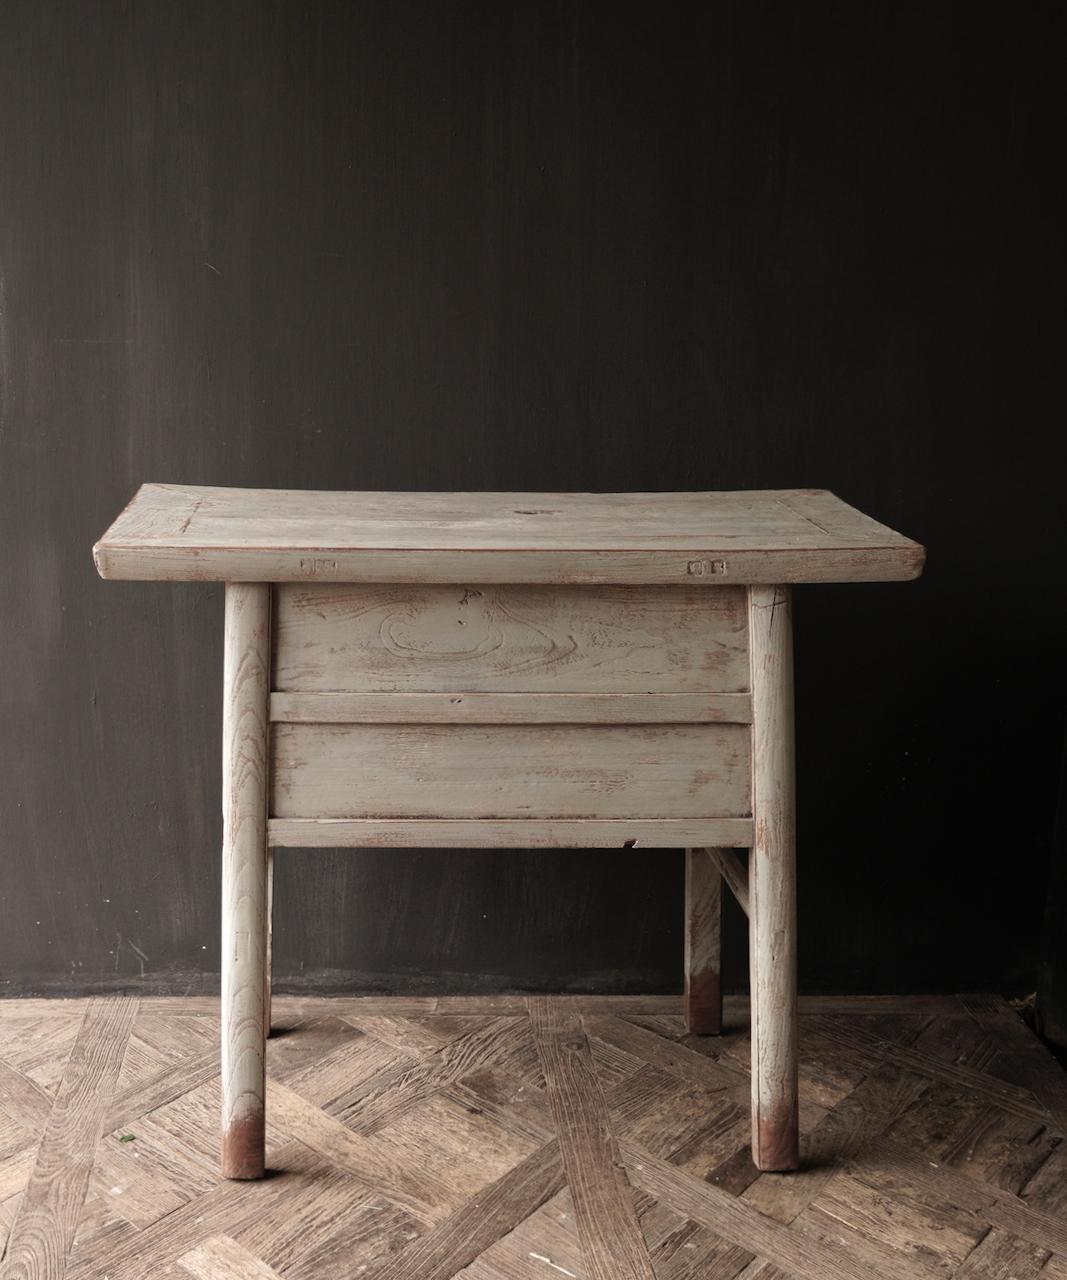 Authentisch Einzigartiger alter Wandtisch / Beistelltisch / Badezimmermöbel mit grau lackierten Schubladen-5